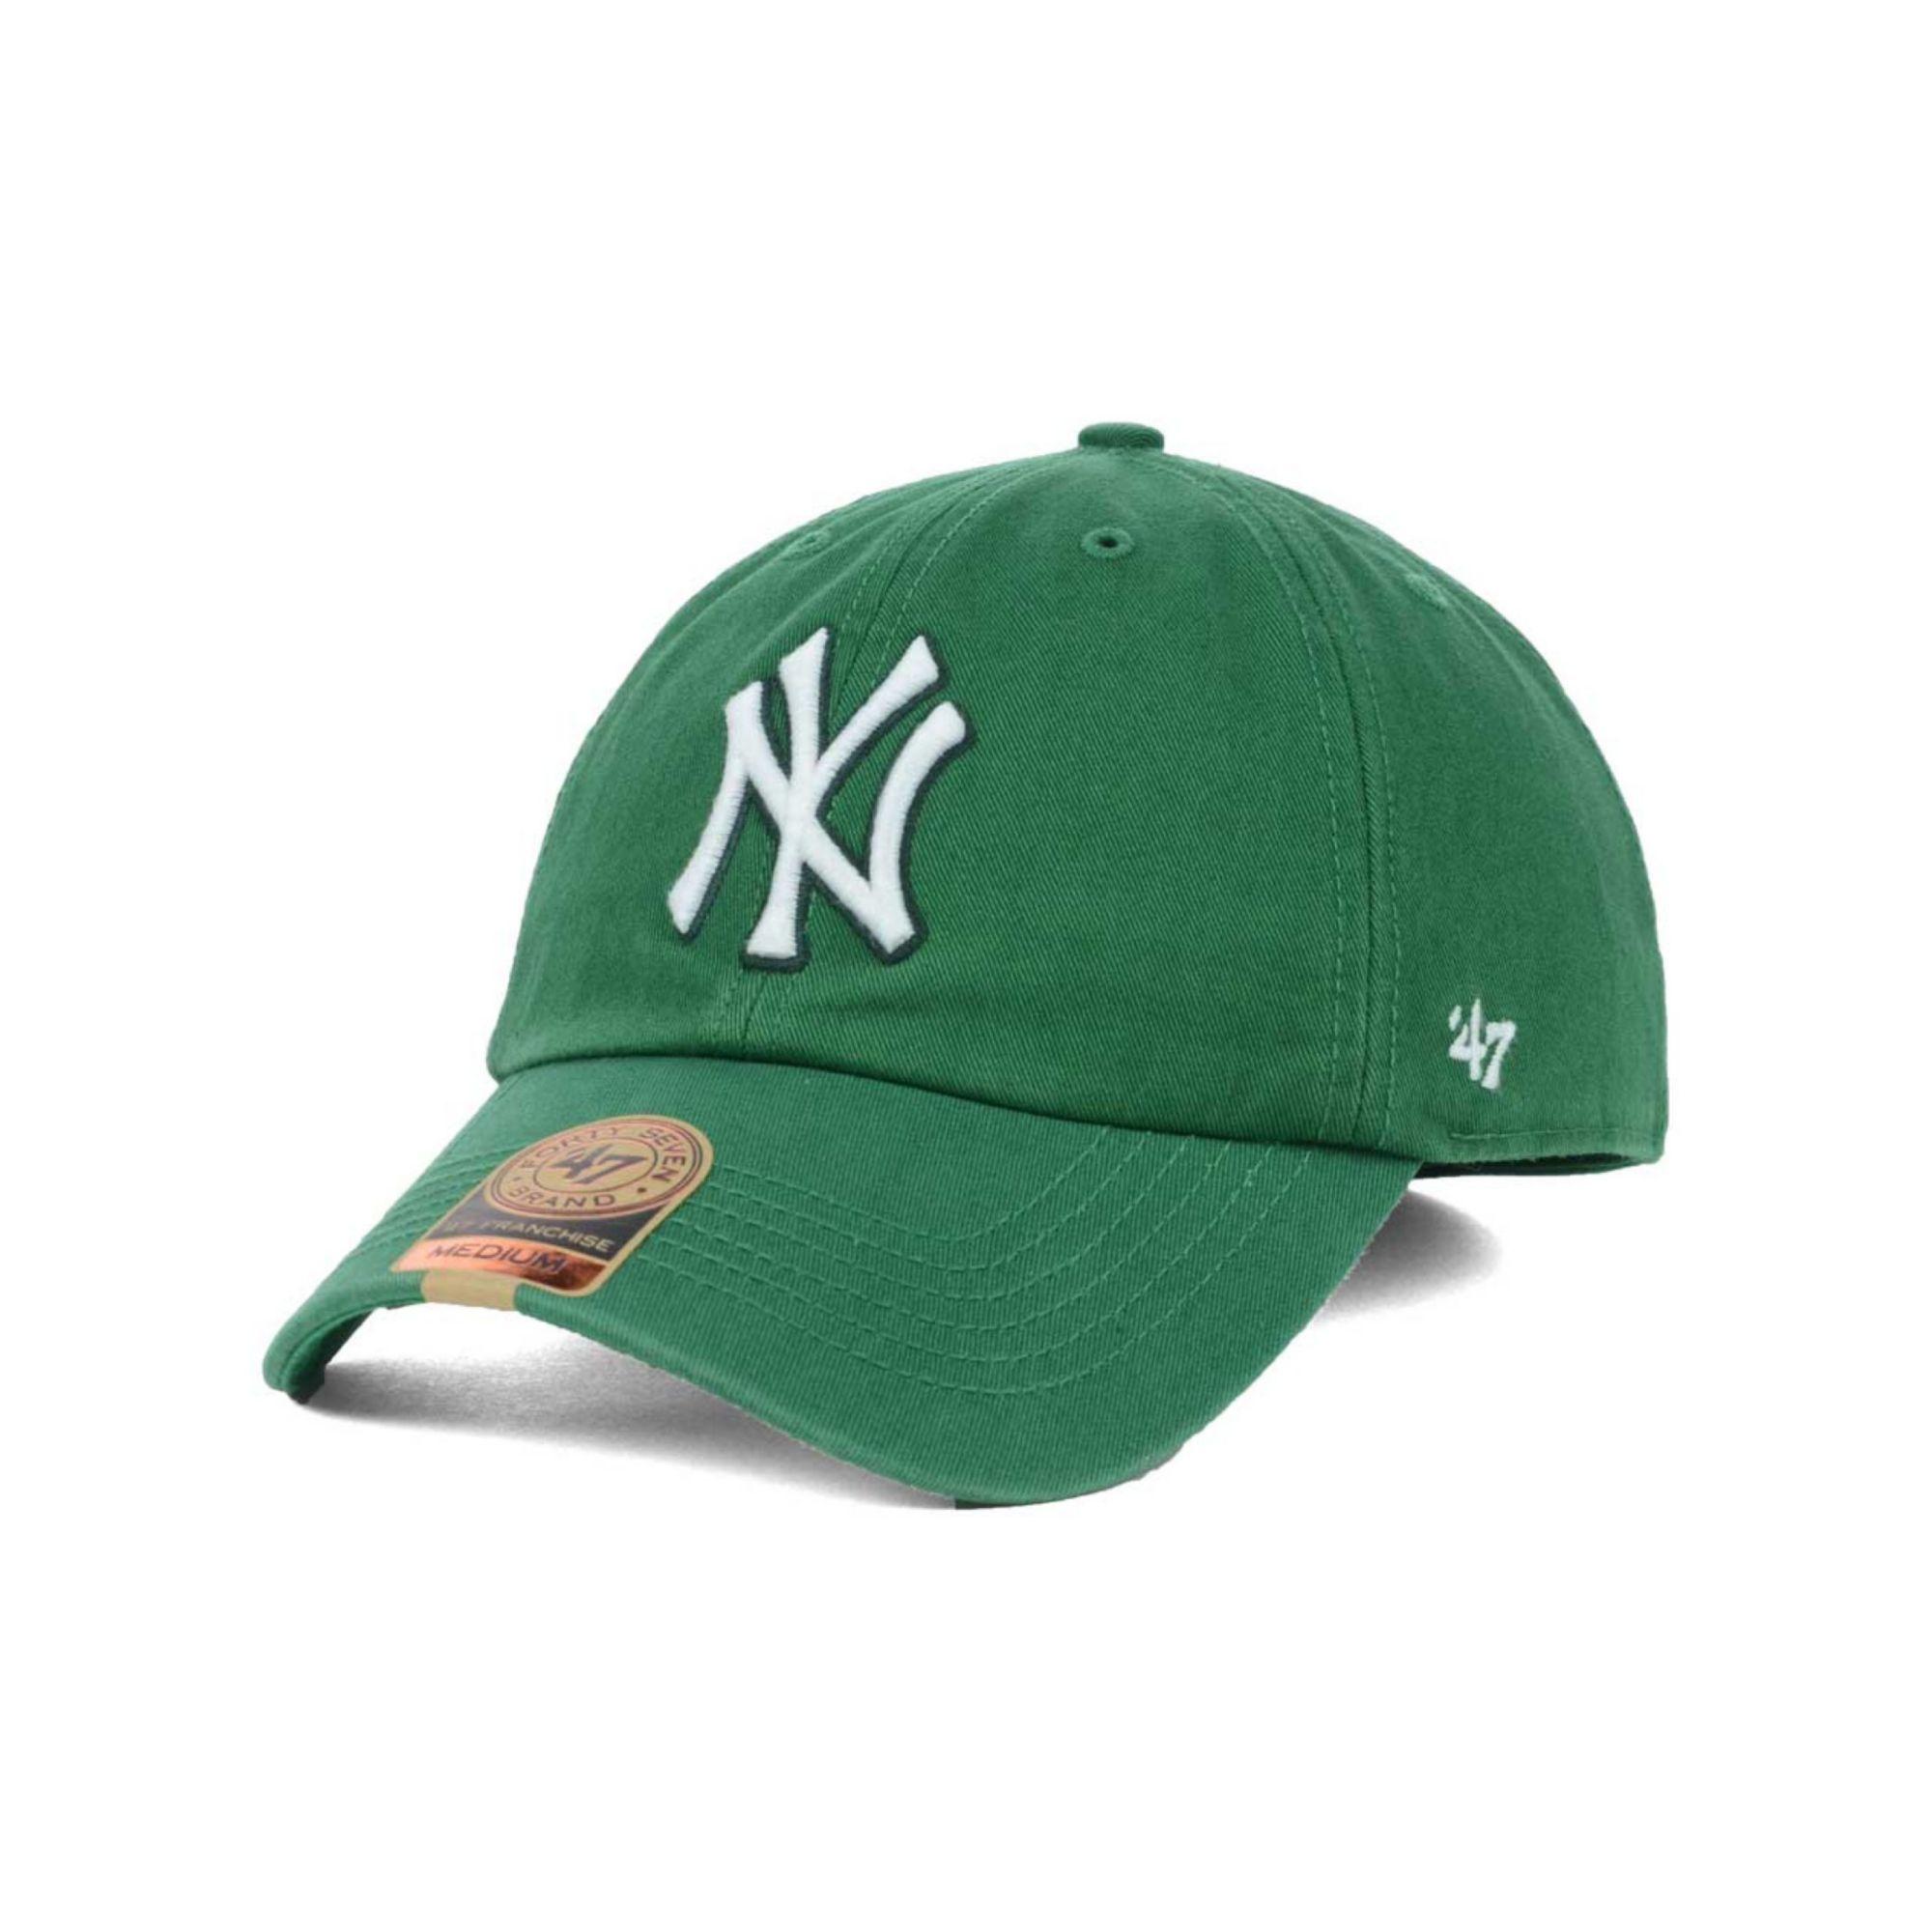 NY Yankees Cap Green